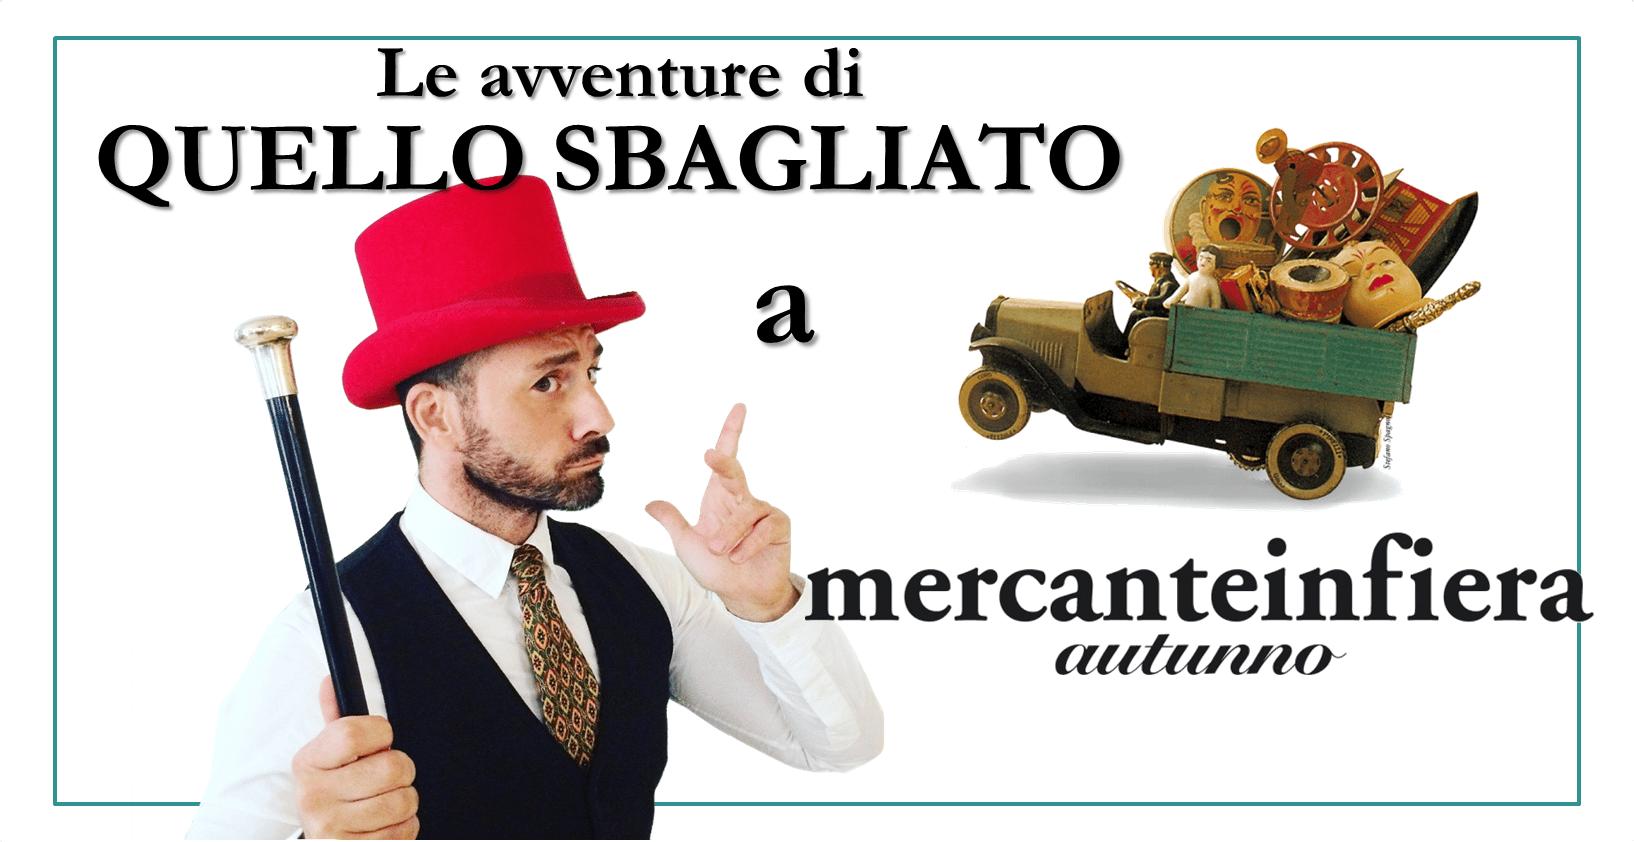 le avventure di quello sbagliato vintage blogger italia a Mercanteinfiera parma